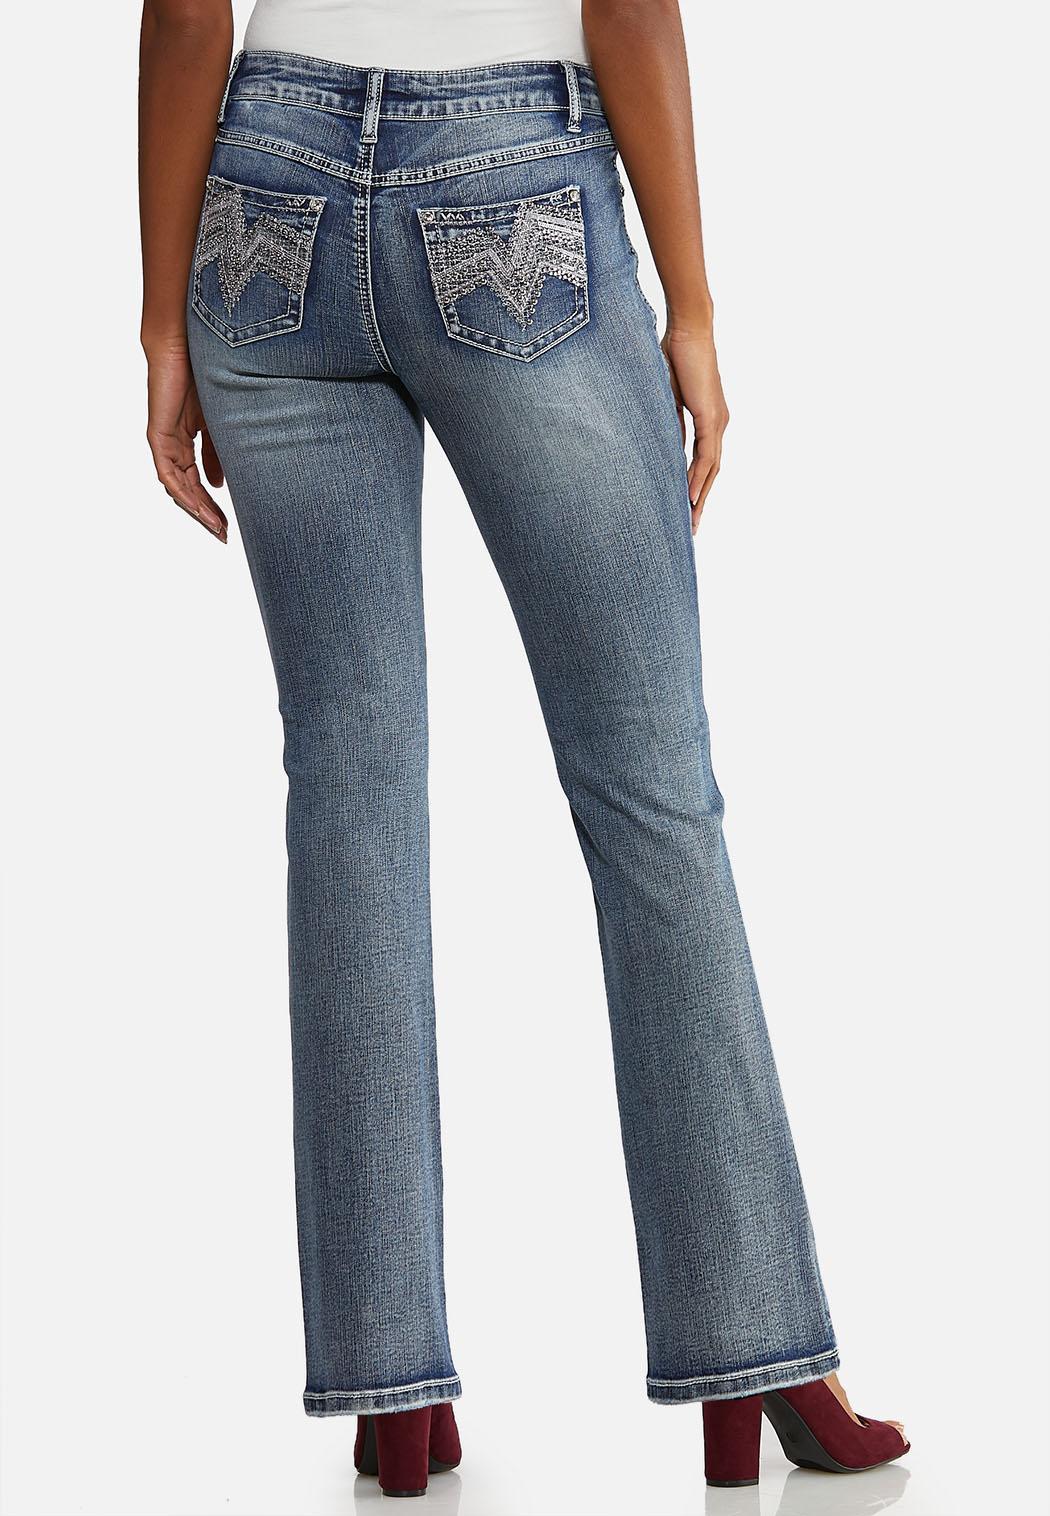 Petite Chevron Bling Bootcut Jeans